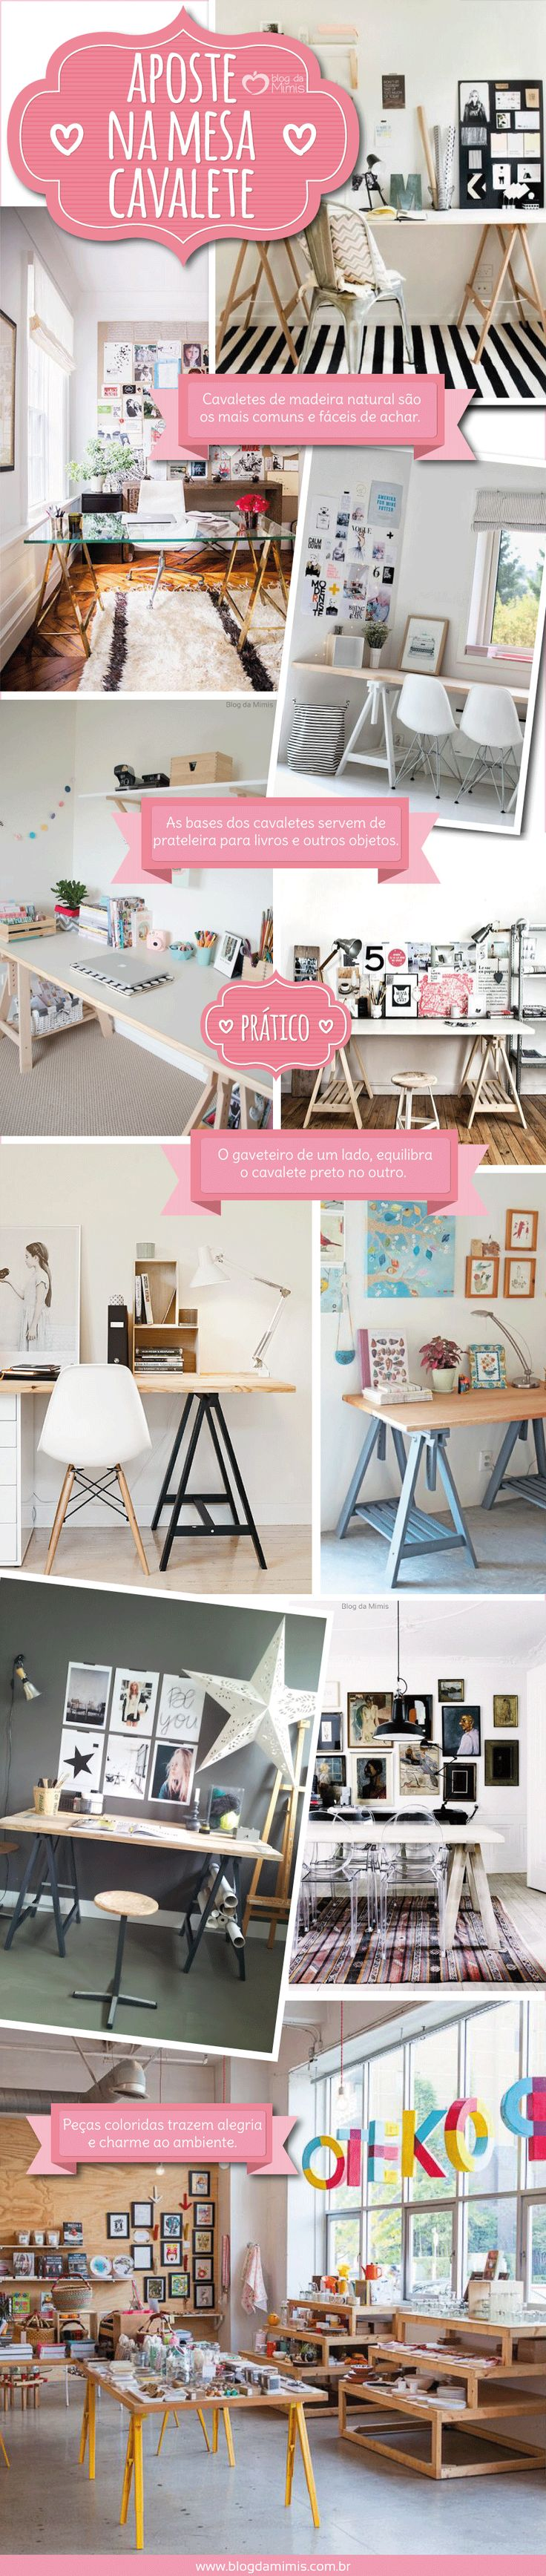 Super cool: aposte na mesa de cavalete - Blog da Mimis - Elas deixam o escritório charmoso e é opção econômica e prática.